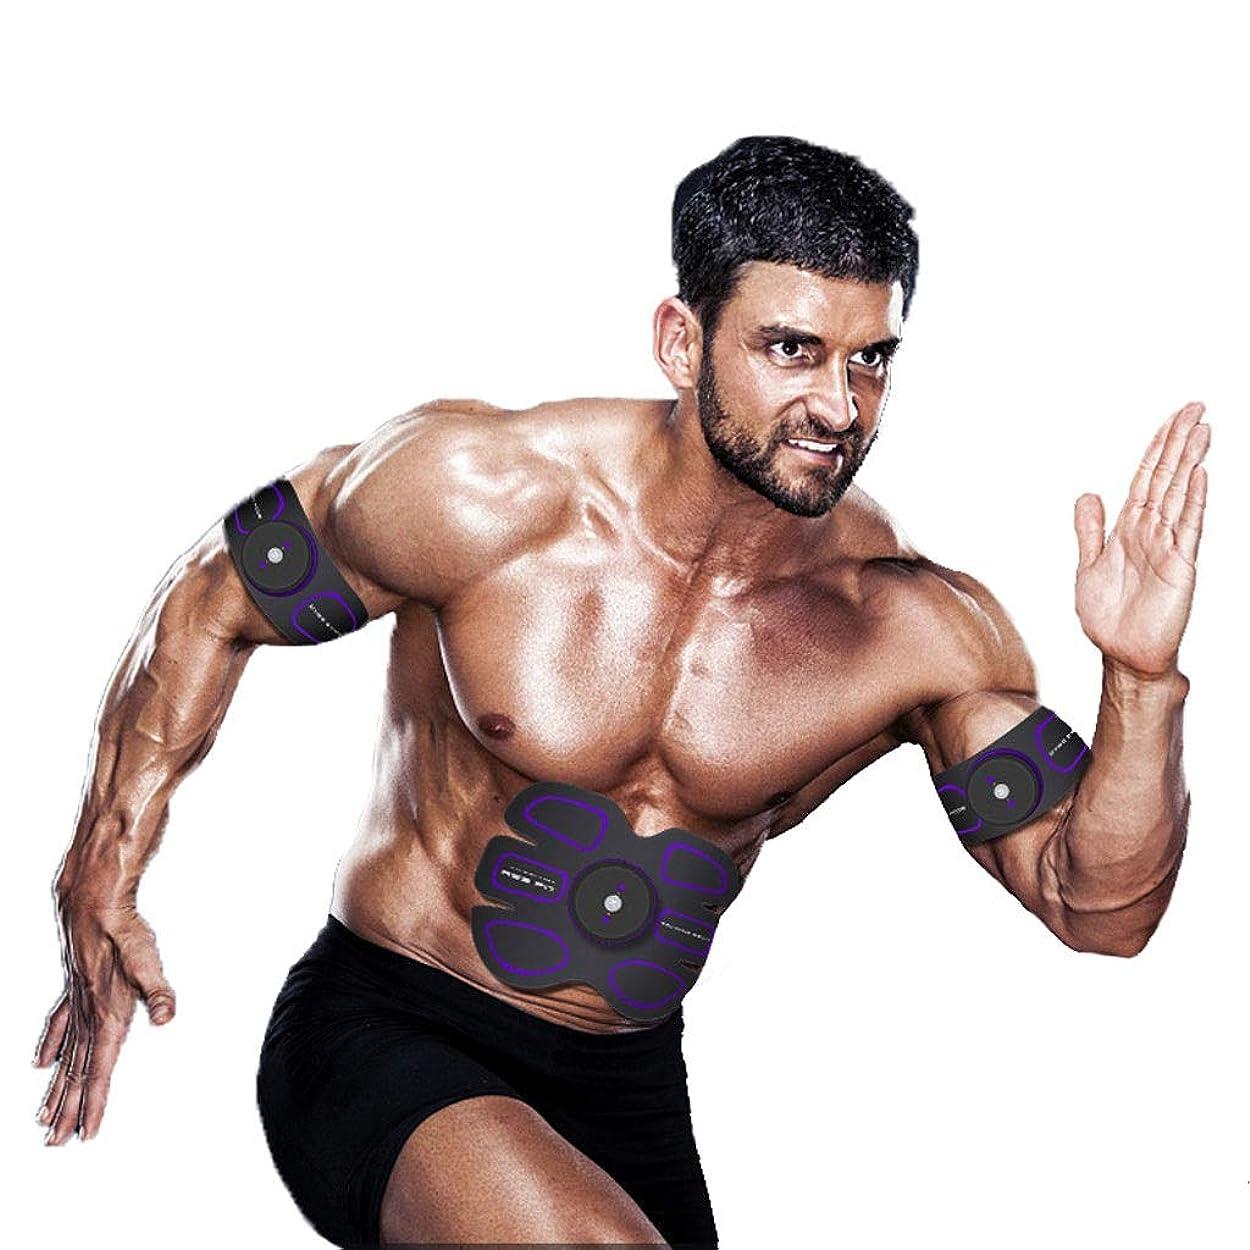 ガード素晴らしい良い多くのインクEMS ABSトレーナー、腹部調色ベルトAbトナーEMSマッスルスティミュレーター、マッスルトナーフィットネストレーニングギア(男性用)女性腹部&アーム&レッグトレーナー